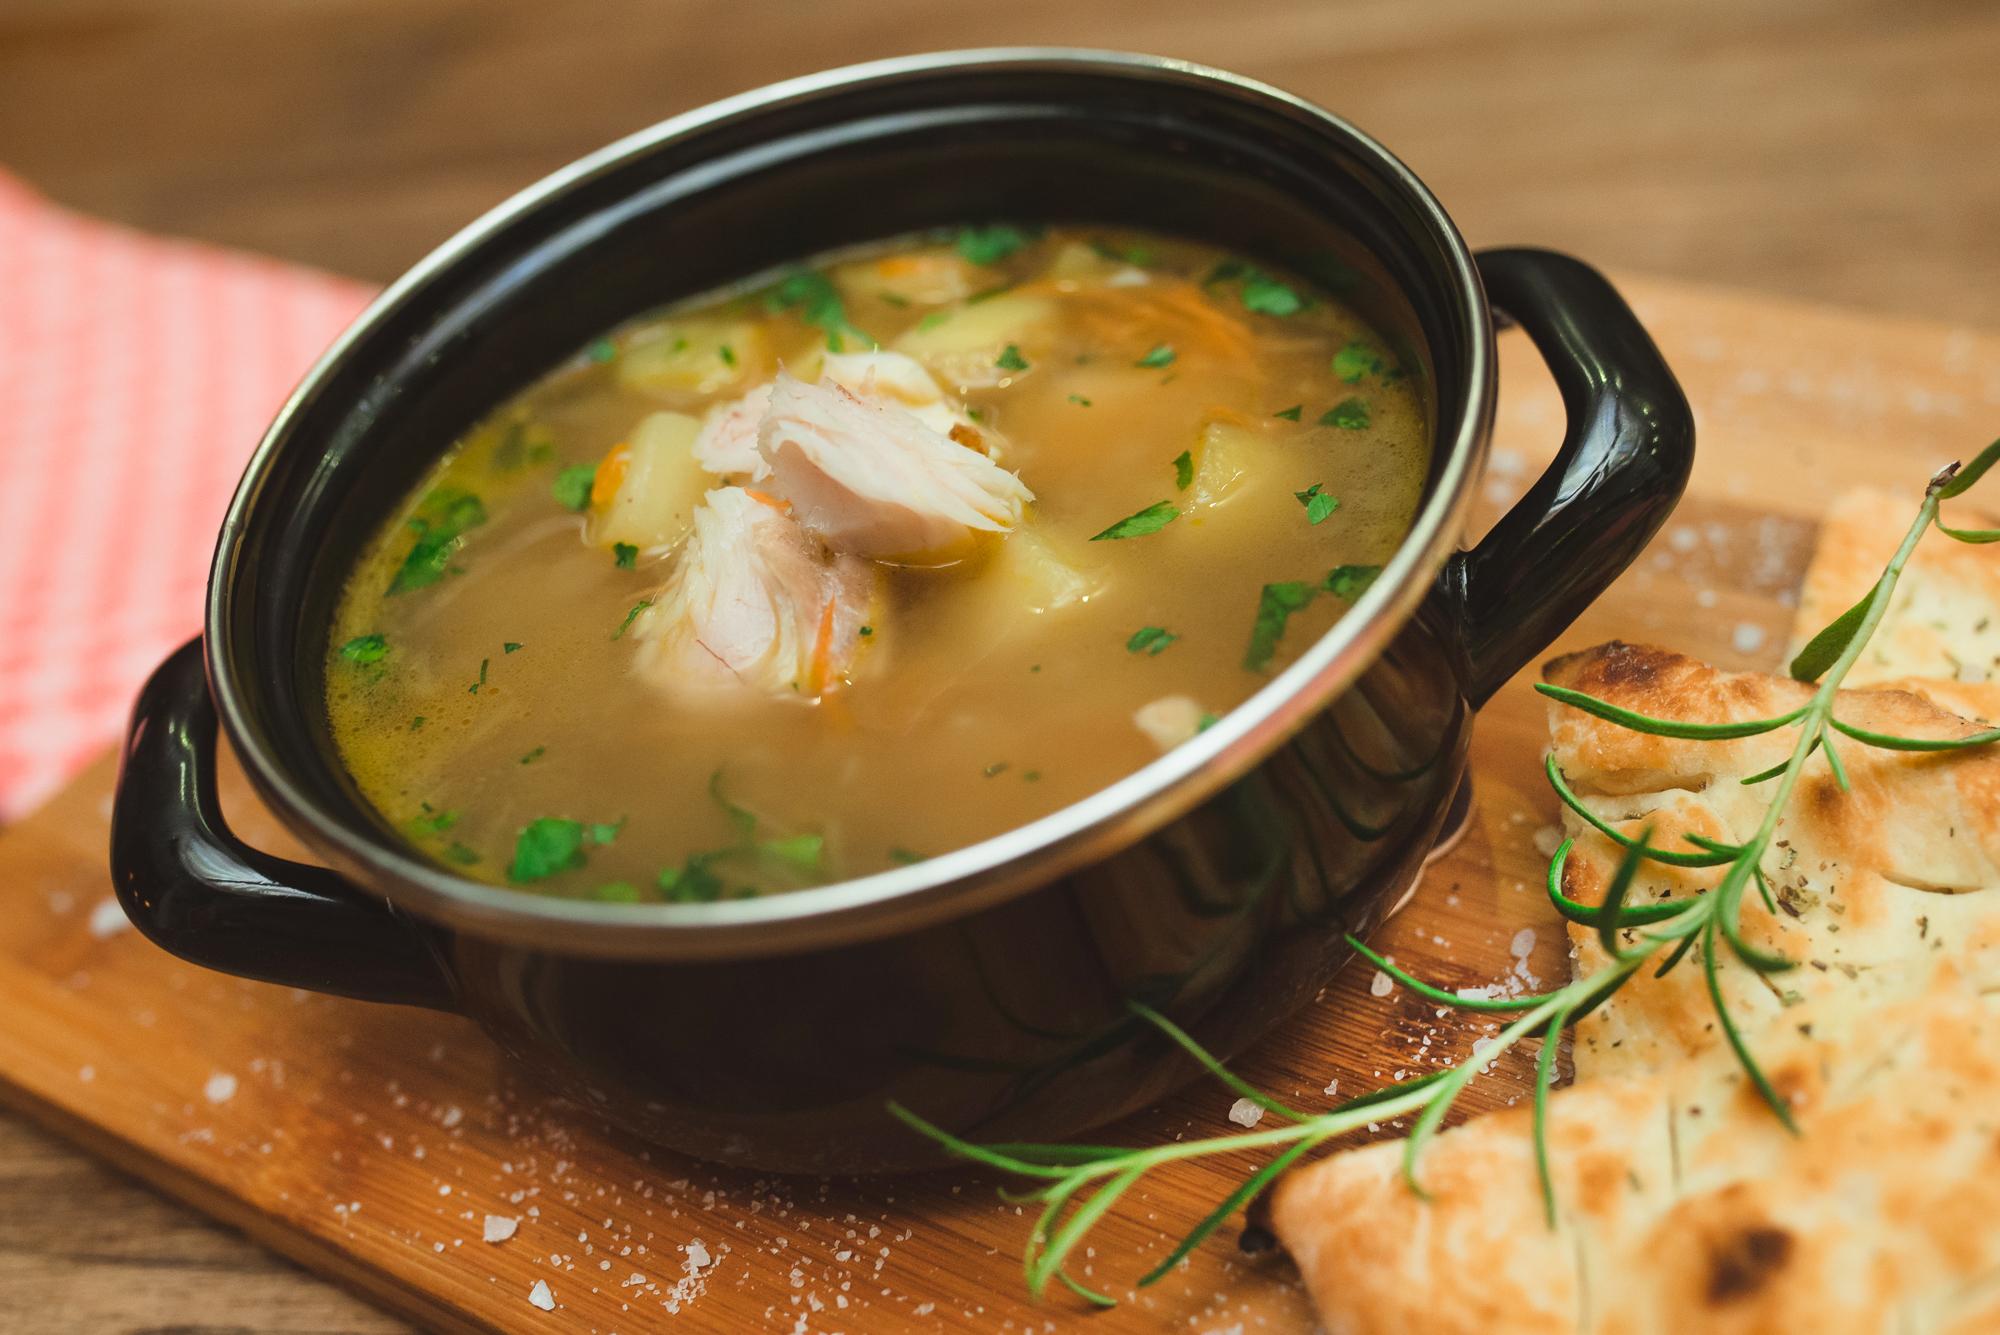 Zdrowe jedzenie i kuchnia włoska